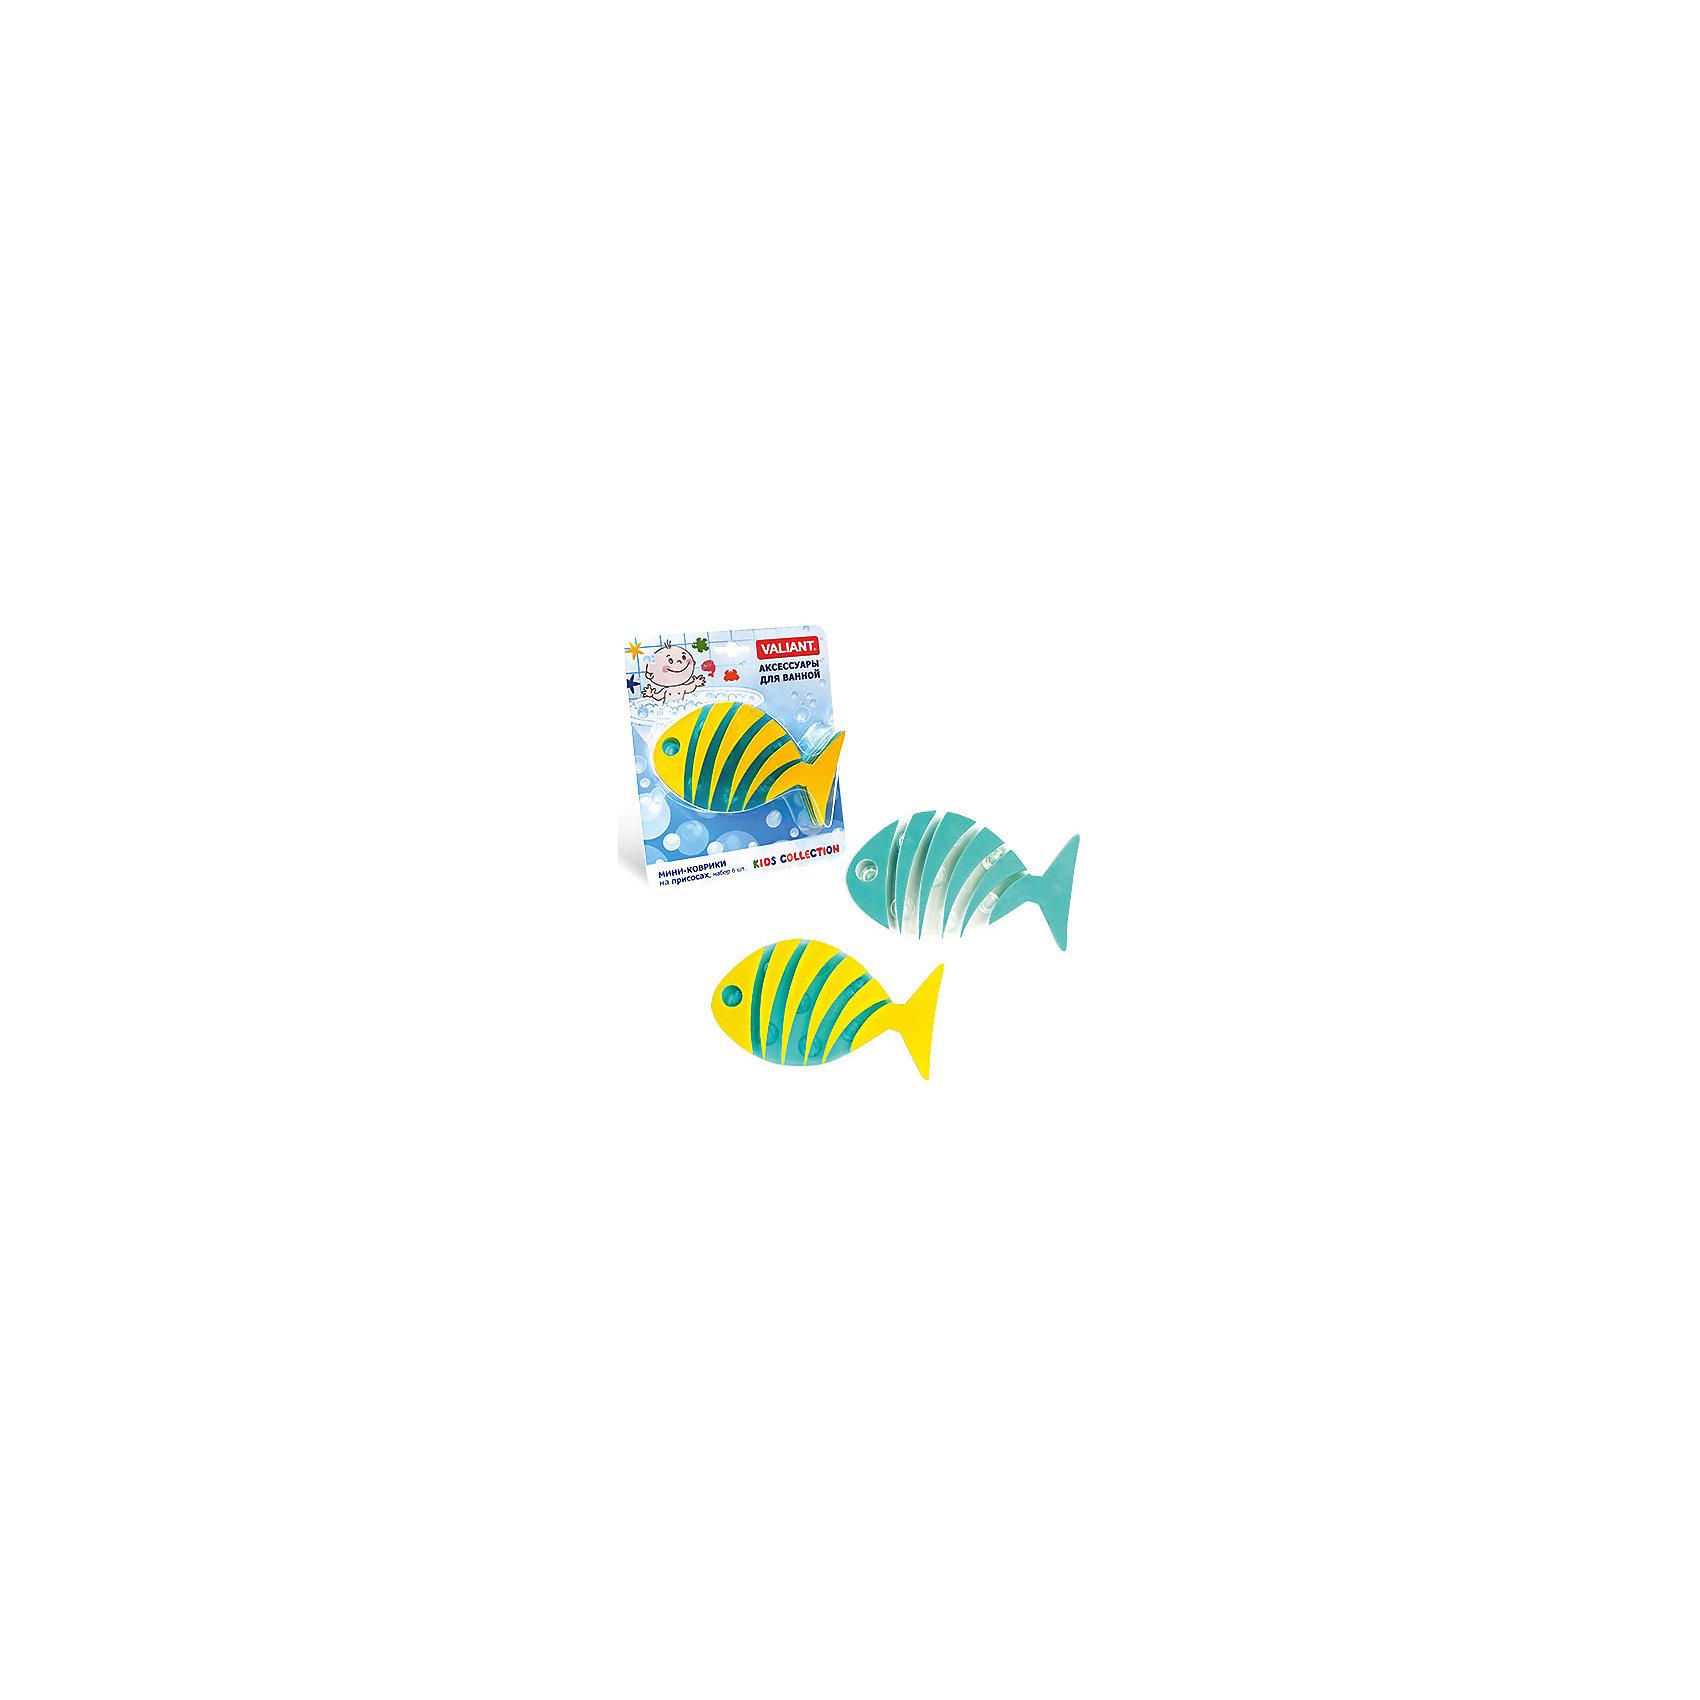 Набор ковриков Полосатая рыба на присосках (6 шт)Мини-коврики для ванной комнаты - это яркое дополнение к купанию малыша. Это и игра и развитие моторики и изучение зверушек. <br>Колоссальный и постоянно растущий спрос на них обусловлен реакцией малышей и их мам на данное изобретение по всему миру.<br>Мини-коврики снабжены присосками и превосходно клеятся на влажный кафель.<br><br>Ширина мм: 170<br>Глубина мм: 35<br>Высота мм: 200<br>Вес г: 175<br>Возраст от месяцев: -2147483648<br>Возраст до месяцев: 2147483647<br>Пол: Унисекс<br>Возраст: Детский<br>SKU: 4563335